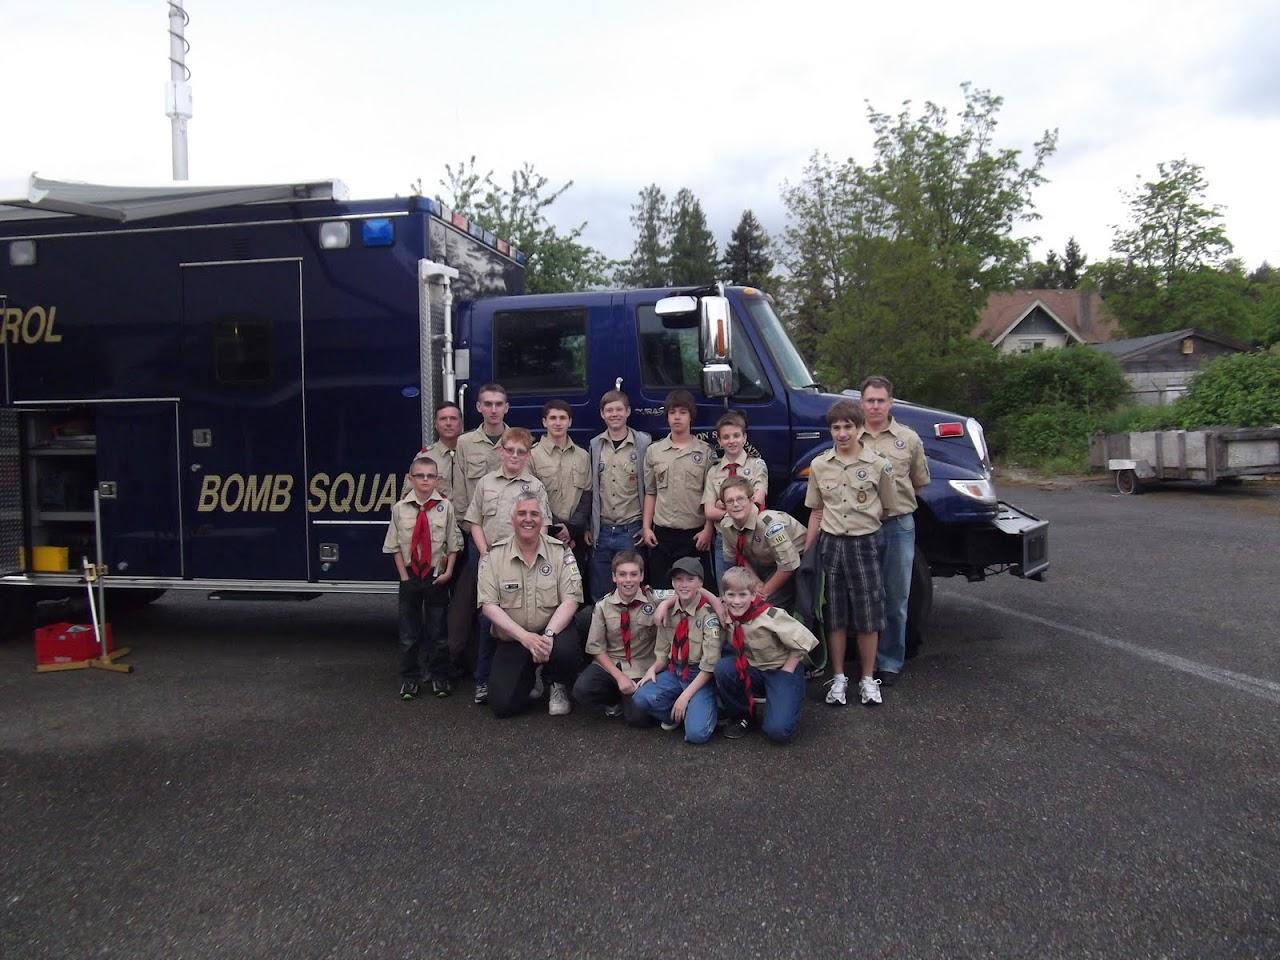 2011 Drug Talk and Bomb Squad - DSCF0628.JPG